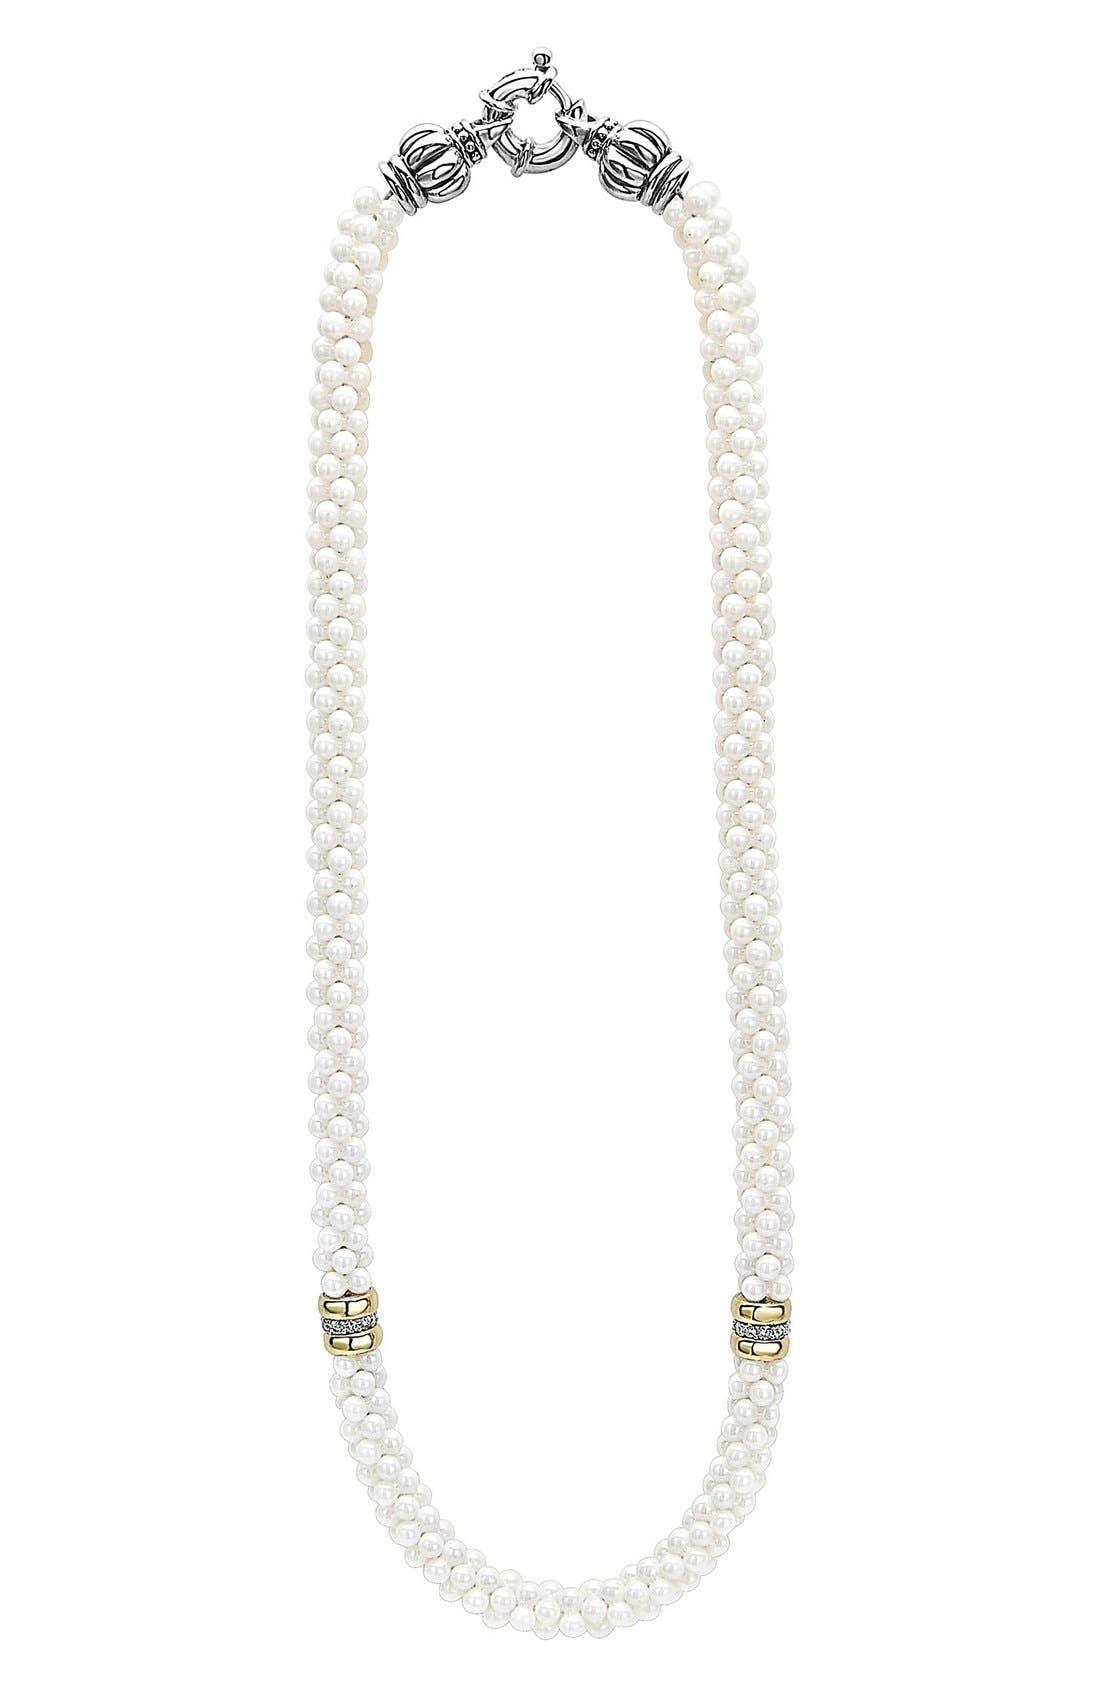 Main Image - LAGOS 'White Caviar' 7mm Beaded Diamond Station Necklace